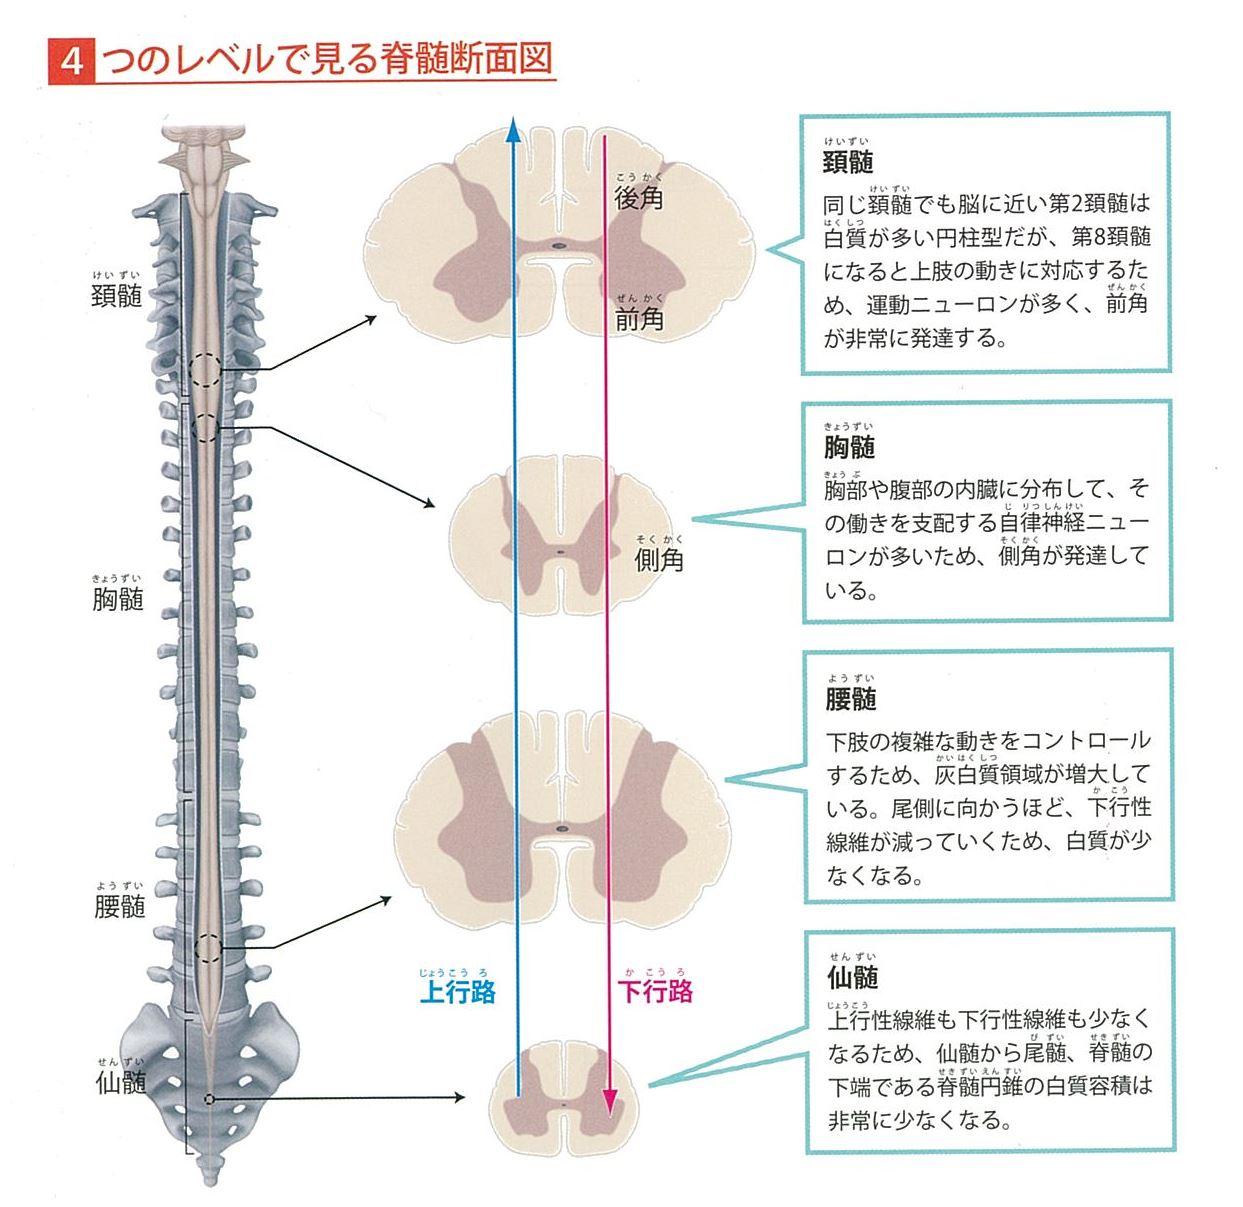 Ⅱ.神経系の構造と機能 脊髄神経のしくみと働き 脊髄の構造